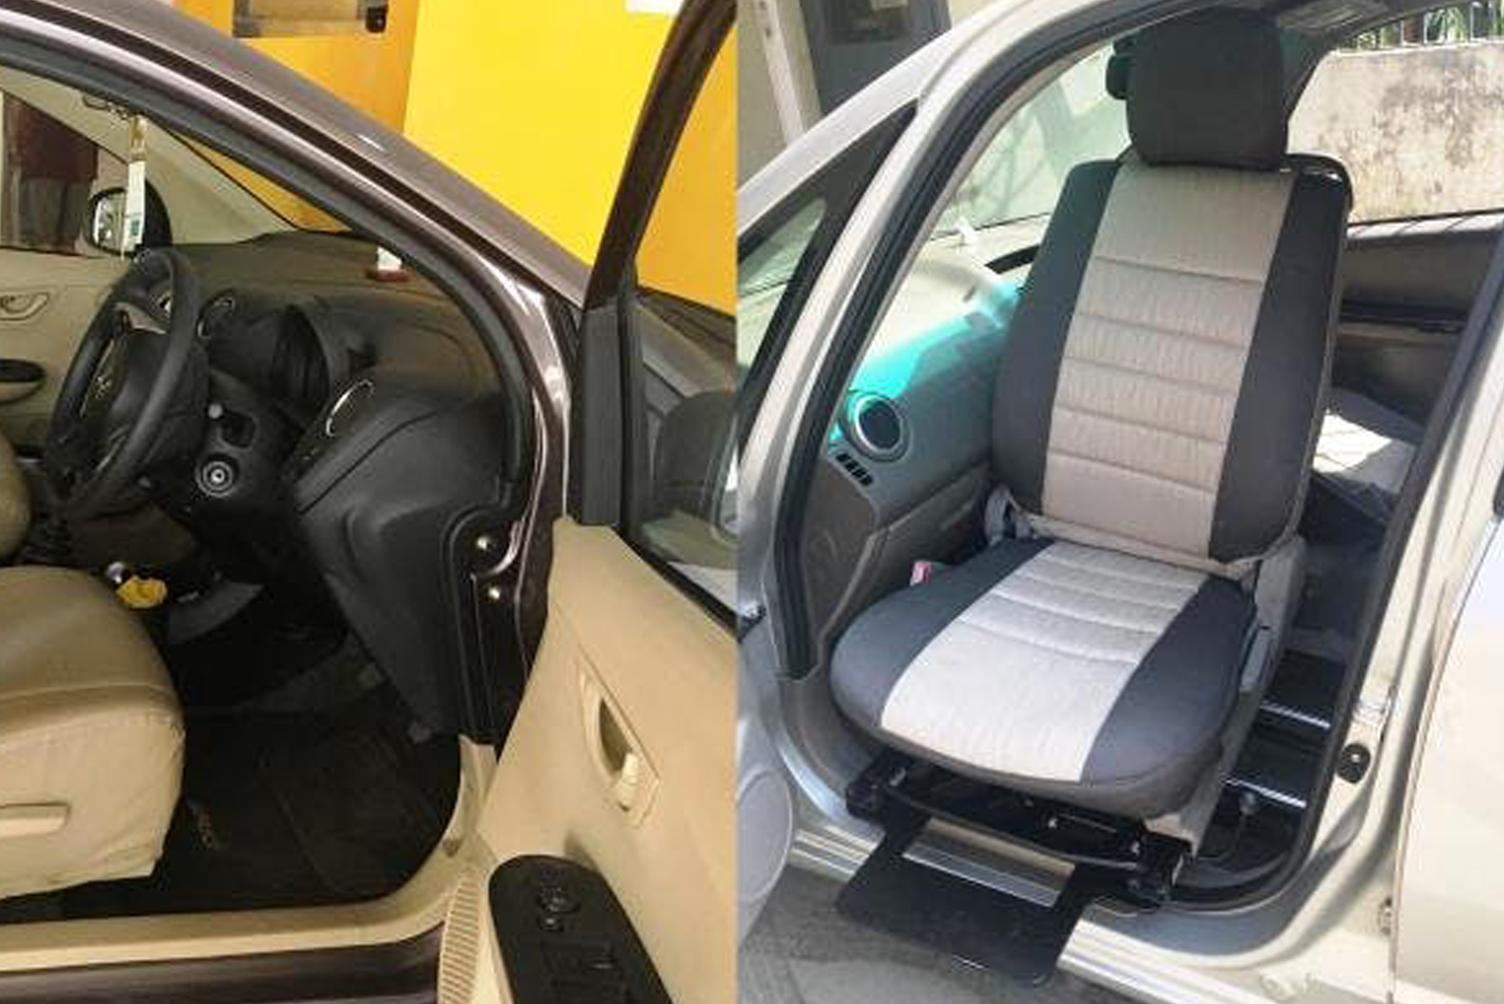 assistive car